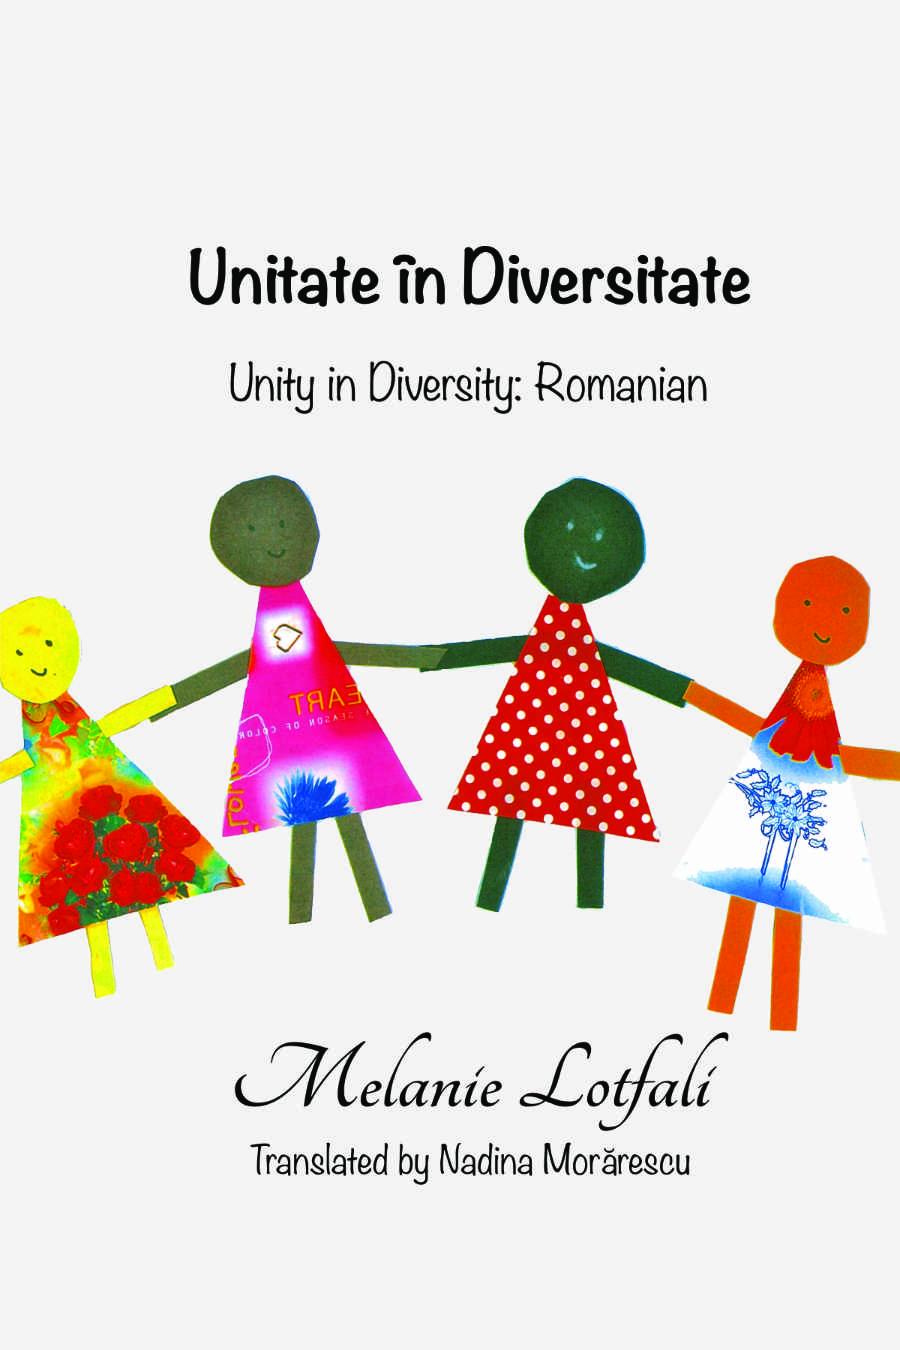 Unitate în Diversitate